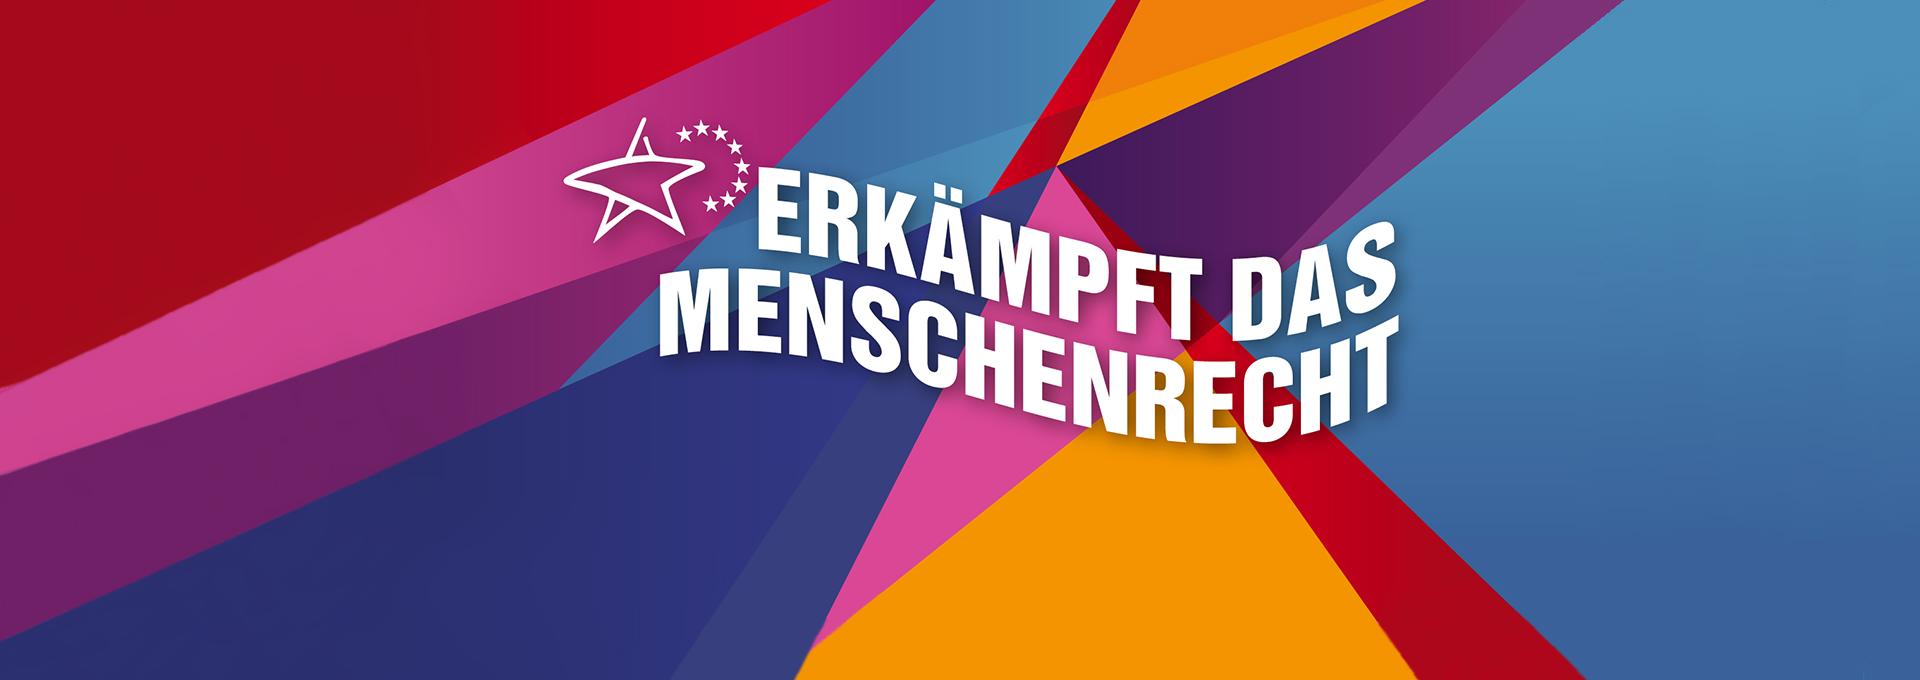 DIE LINKE. Kreisverband Nürnberg-Fürth - Kathrin Flach Gomez, Kandidatin für die Europawahl 2019, Frieden, Abrüstung, Europäische Linke